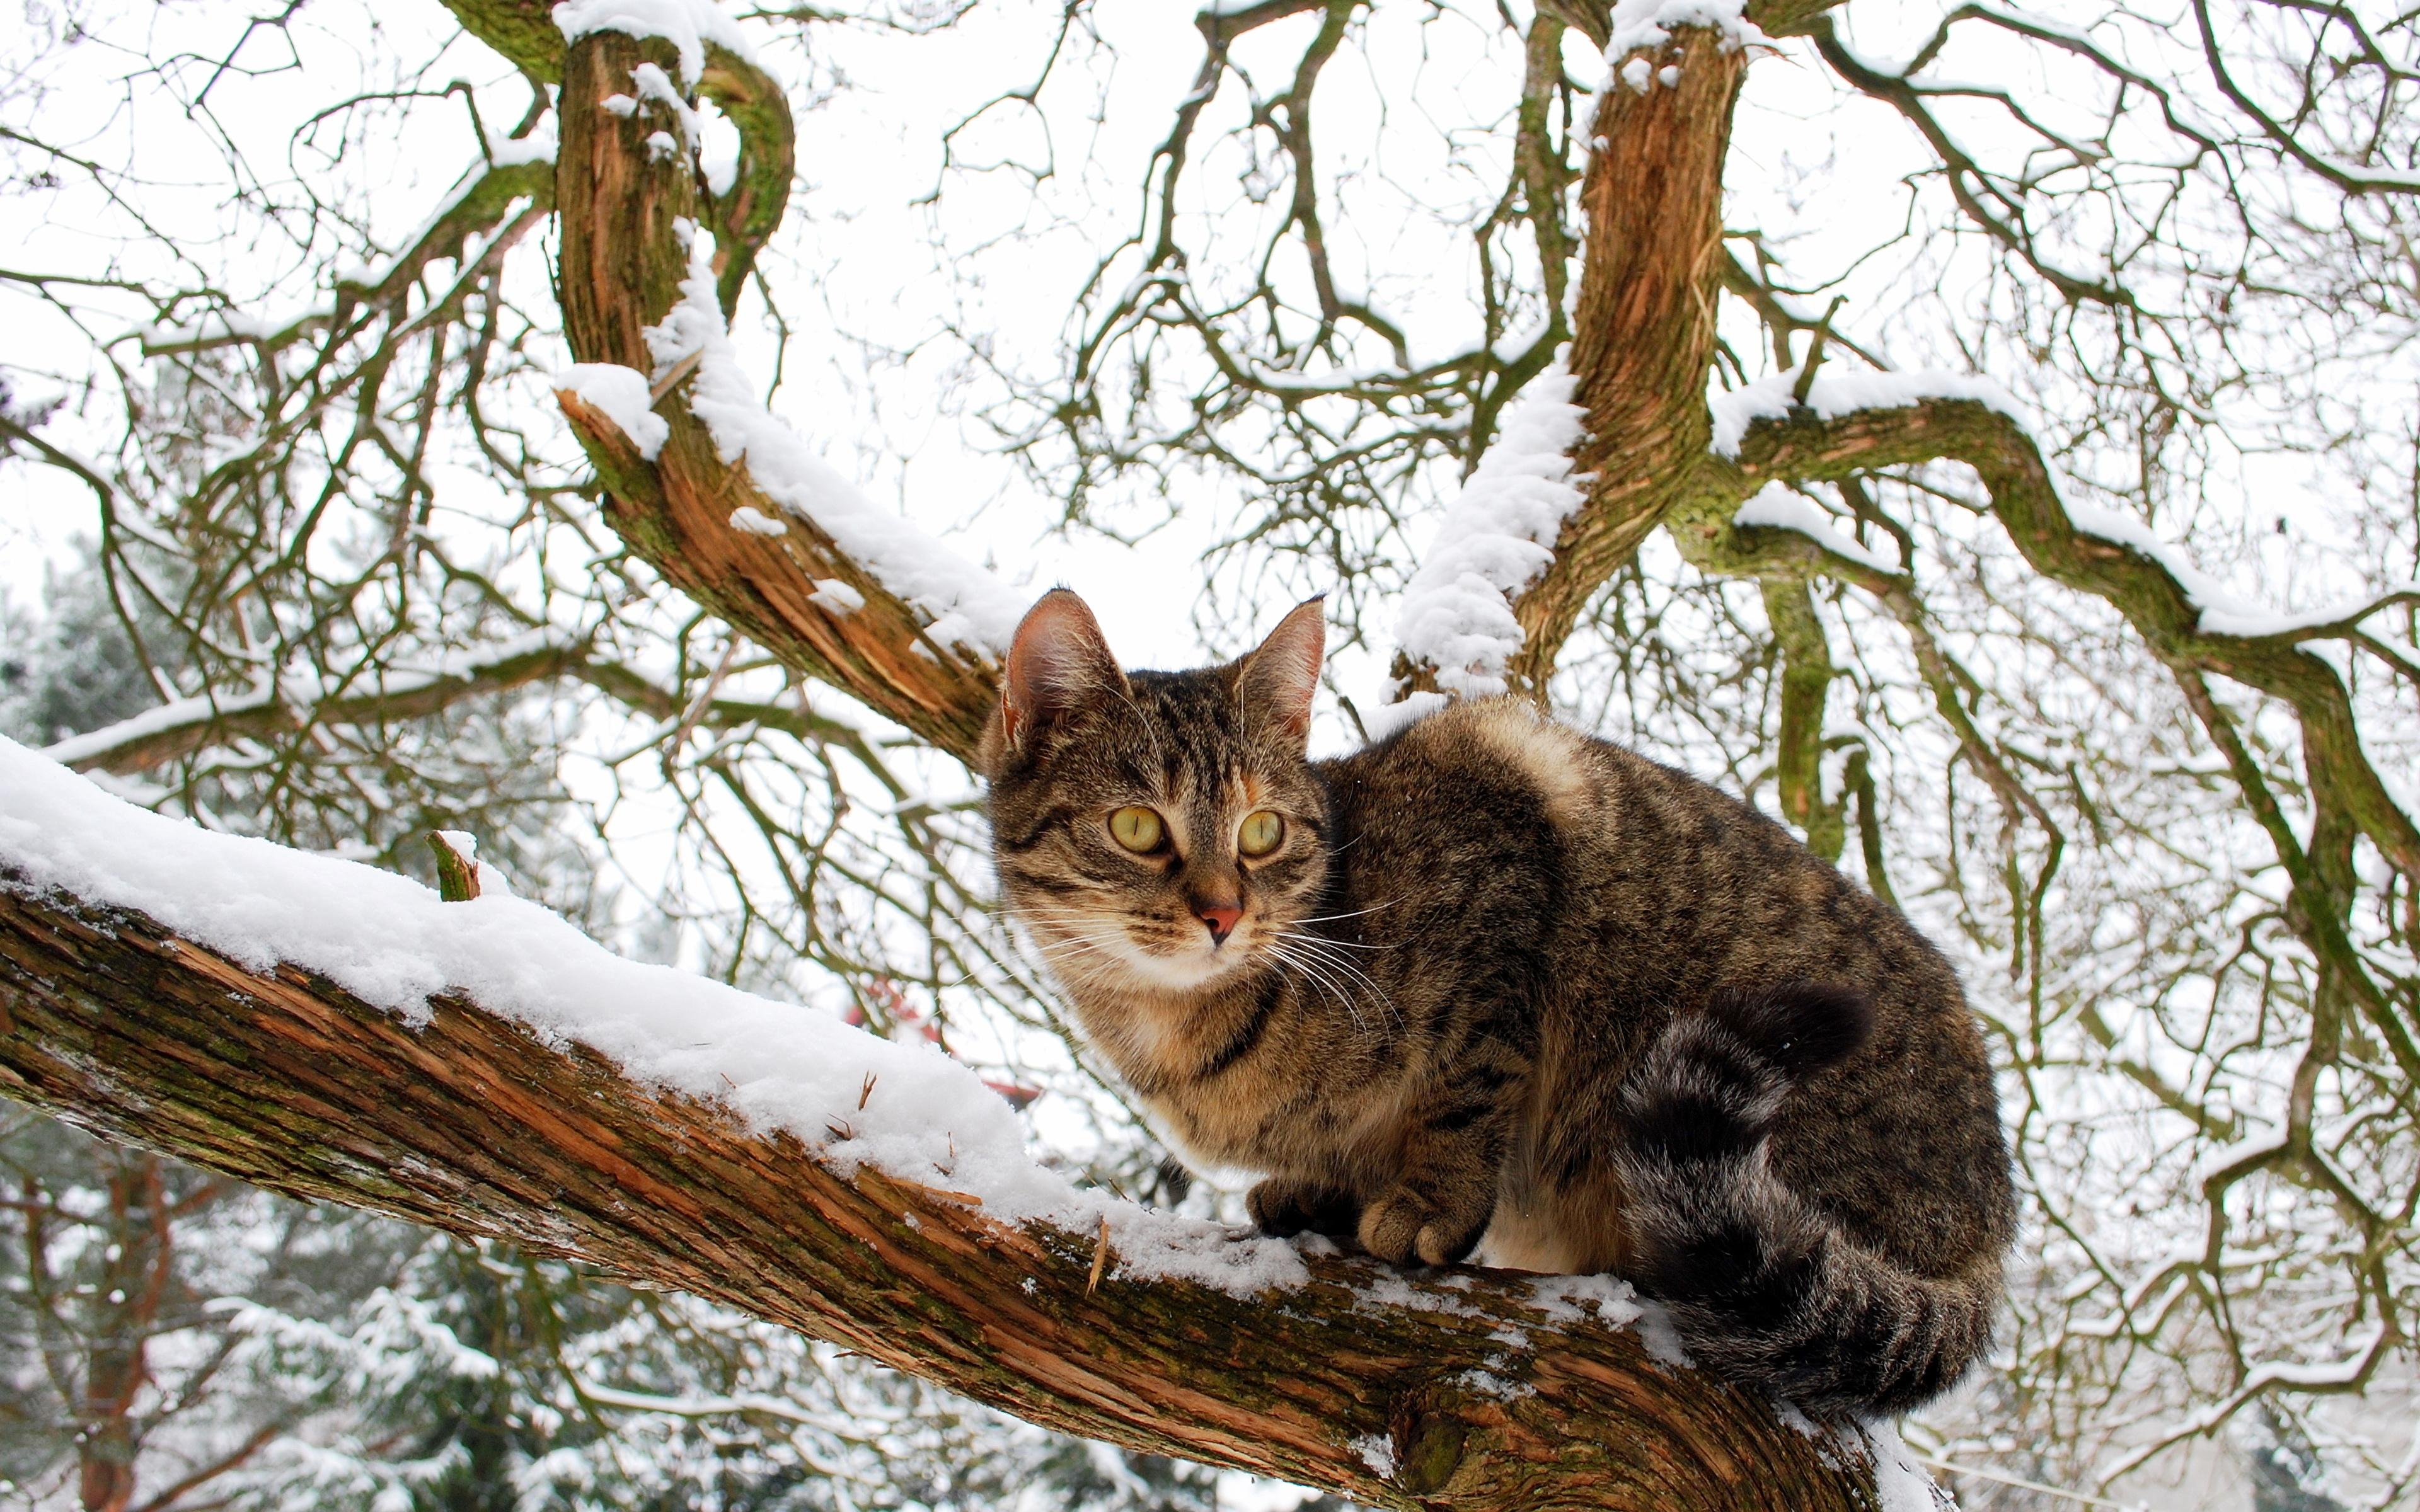 Кот на ветке  № 1118465 загрузить